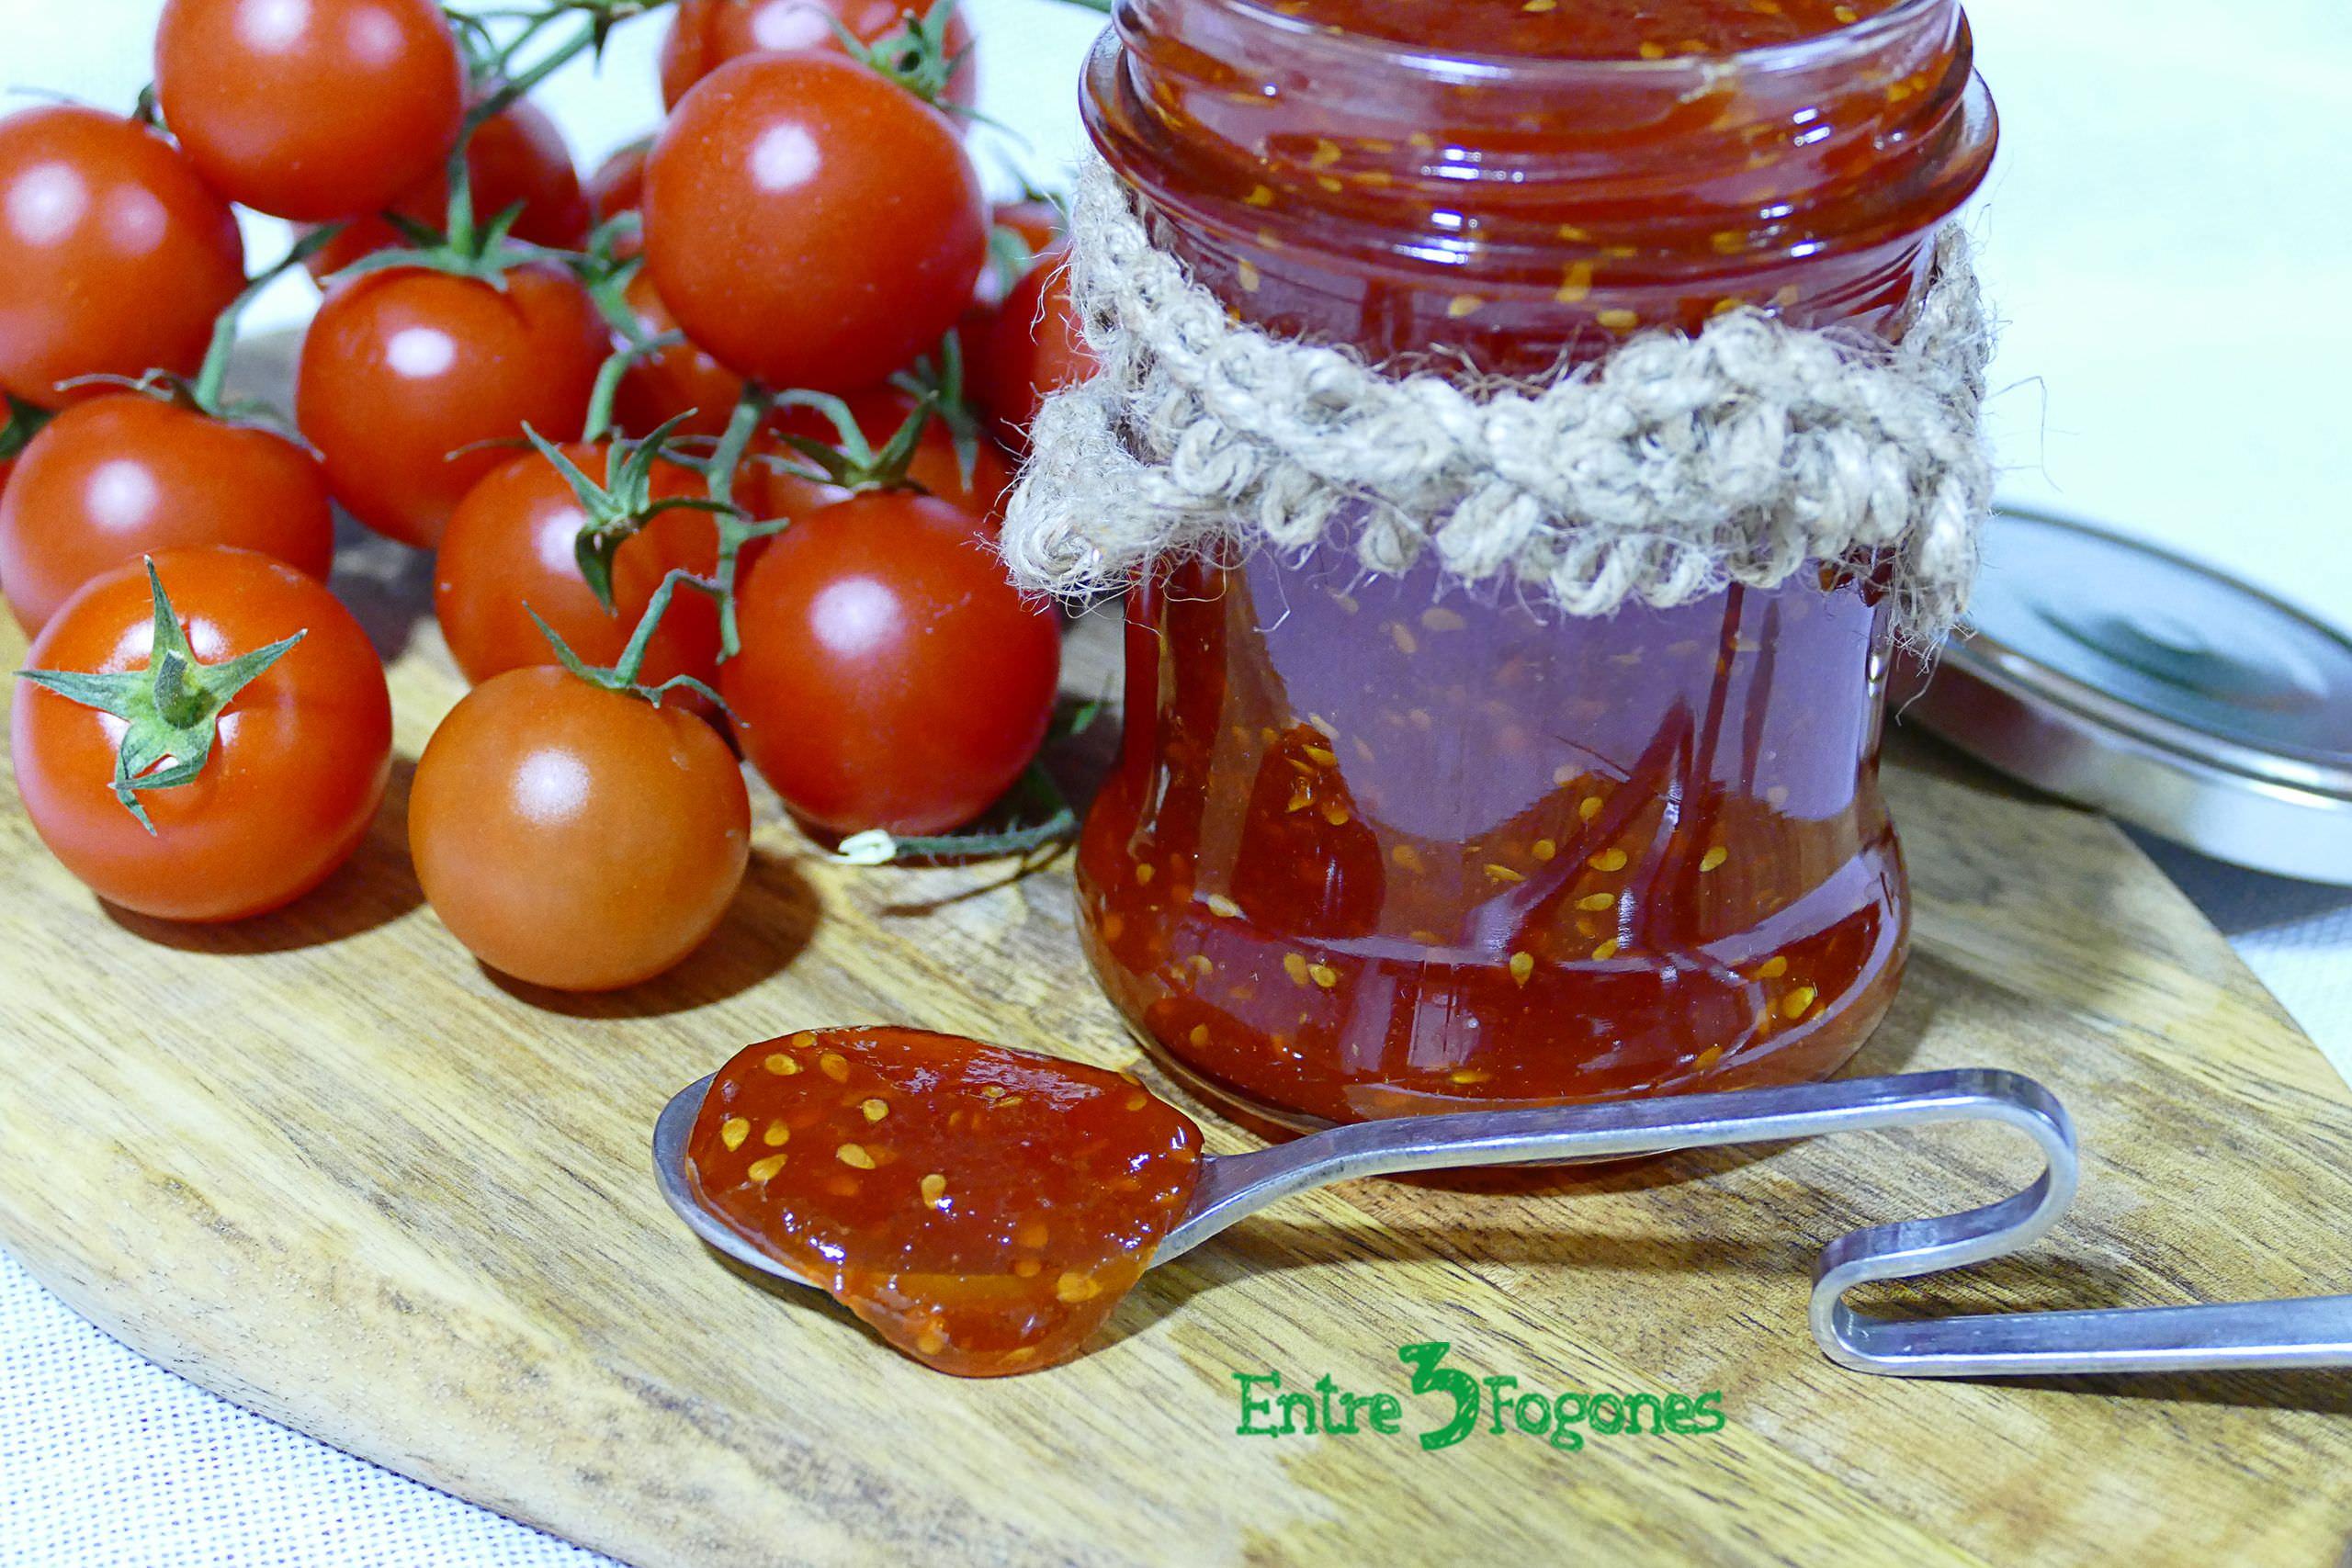 Receta Mermelada de Tomate Casera